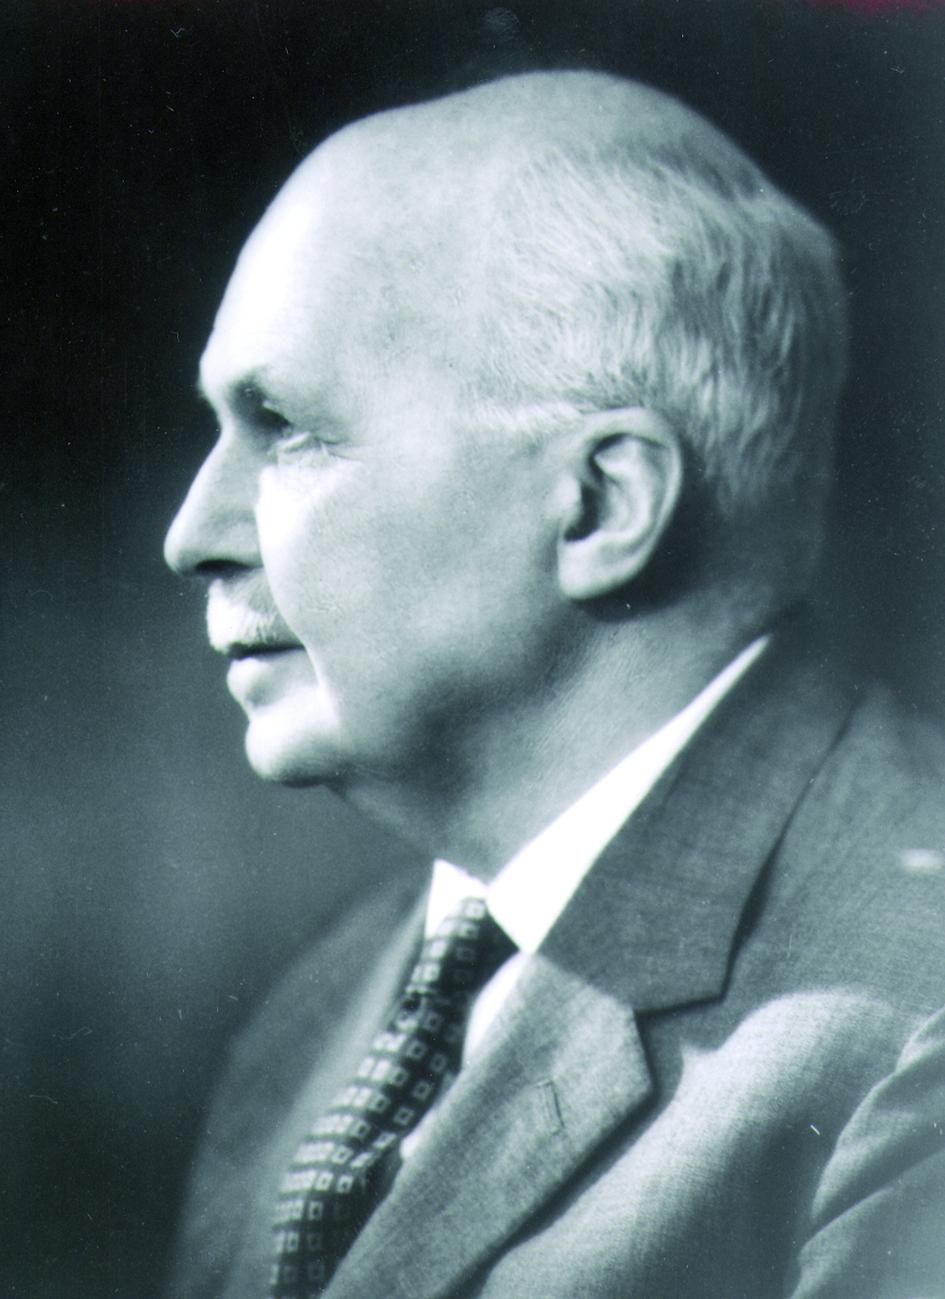 Portraitfoto von Herrn Sir Wilhelm Lawrence Bragg.